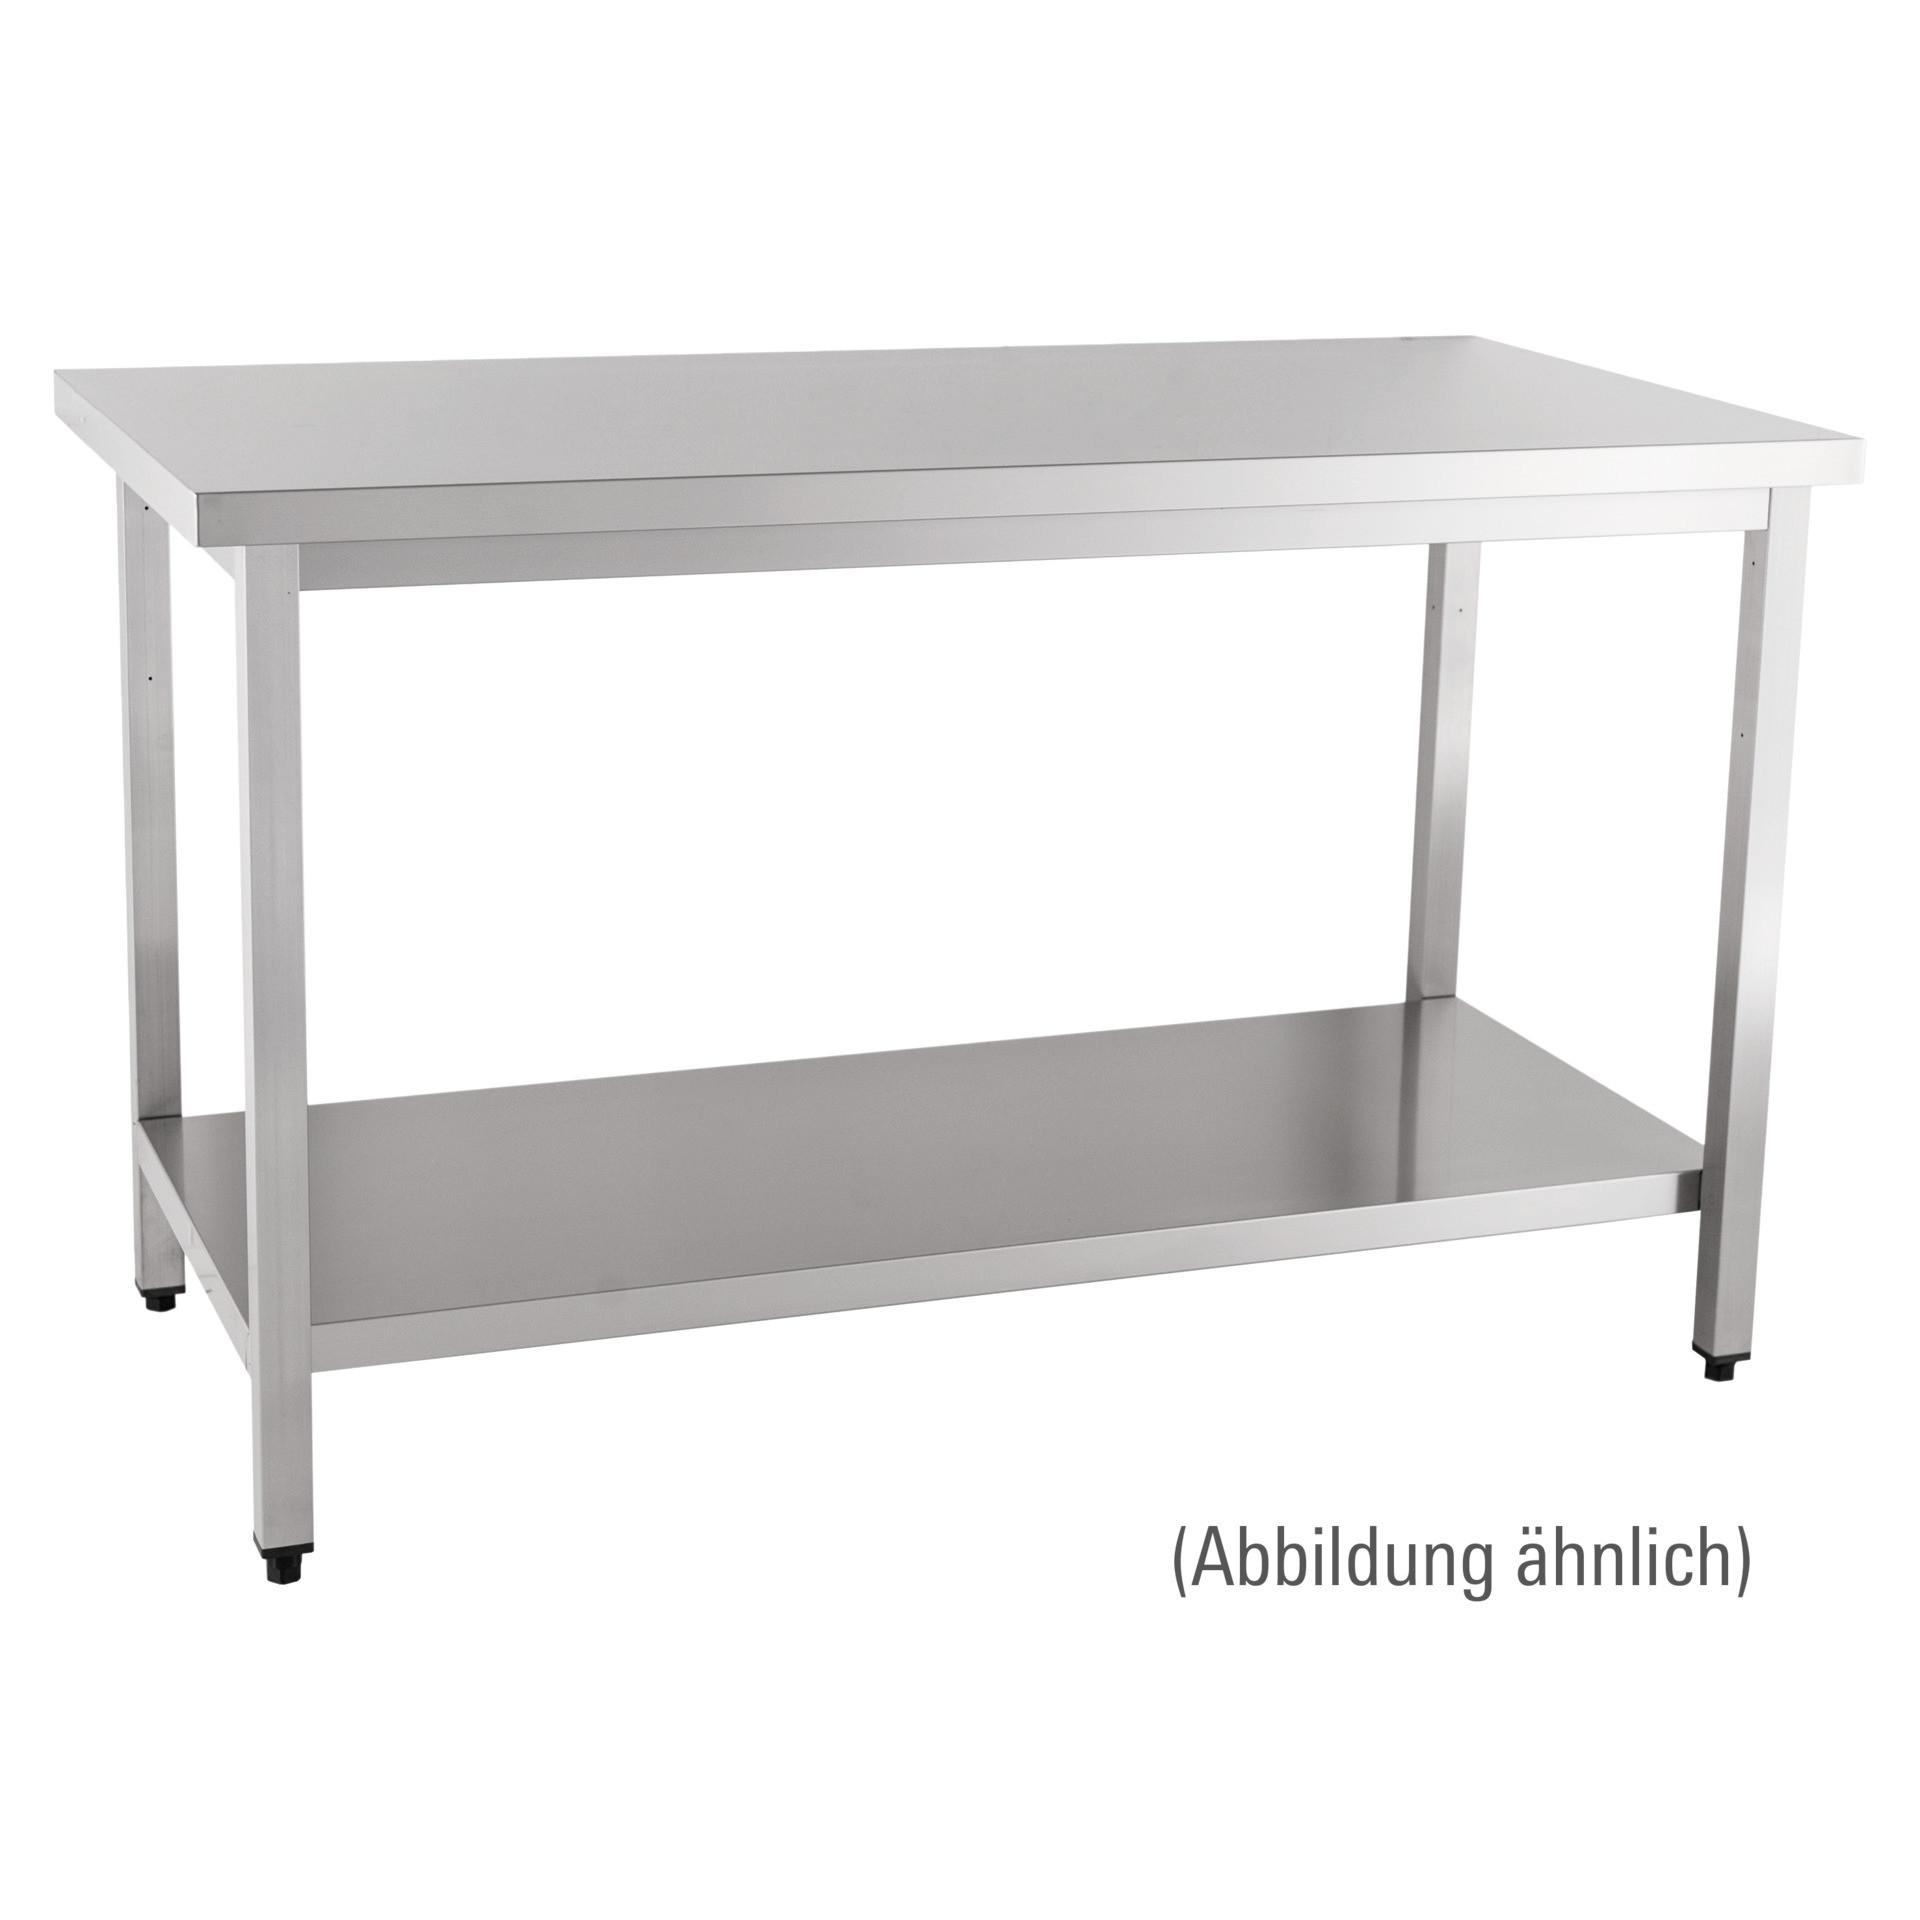 Arbeitstisch zur Selbstmontage mit Boden ohne Aufkantung 1000 x 700 x 850 mm